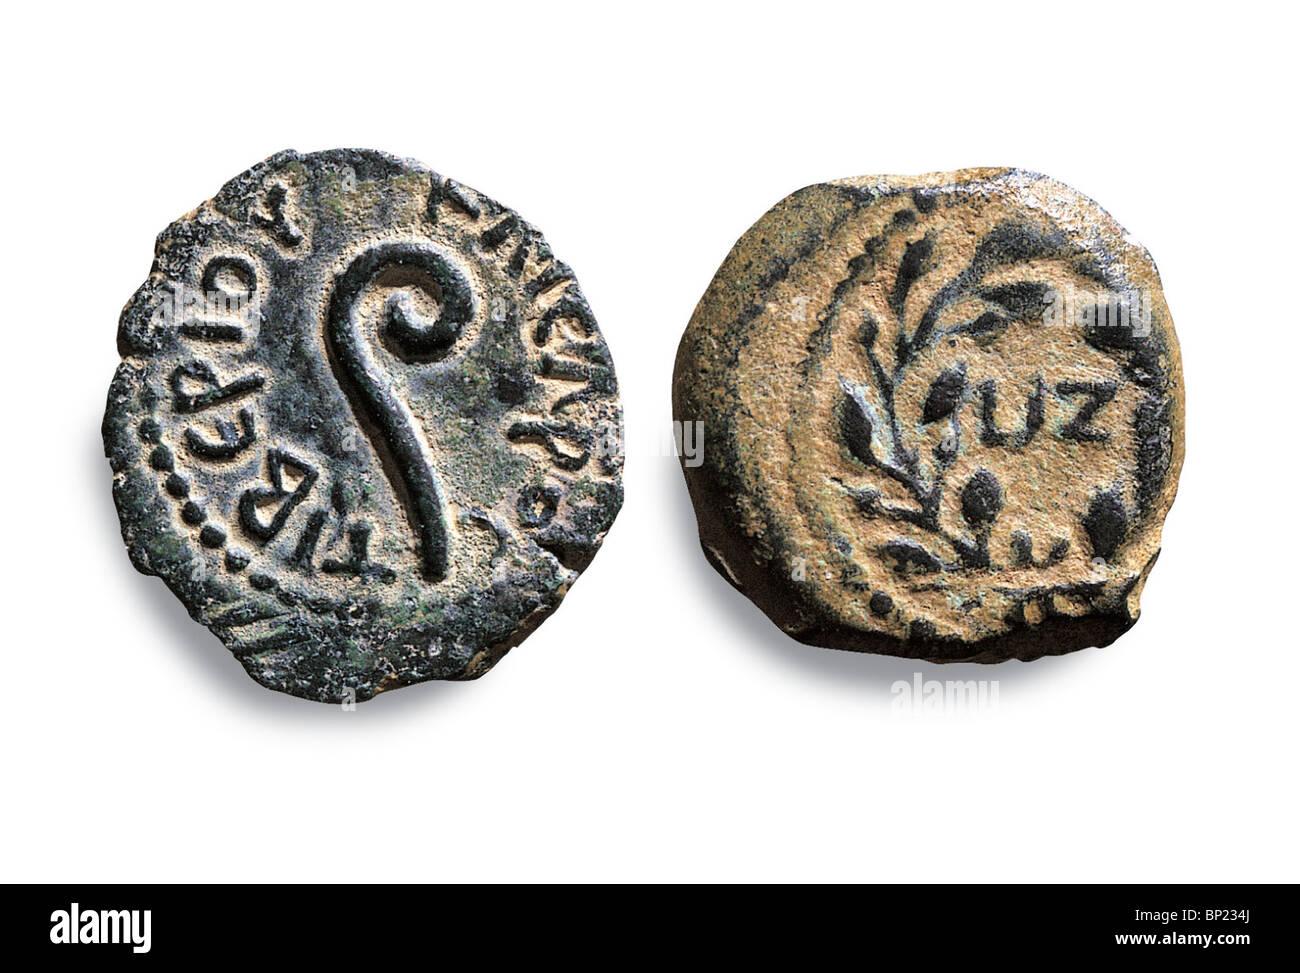 COINS OF THE ROMAN PROCURATOR OF JUDEA: PONTIUS PILATUS 30-31 AD - Stock Image